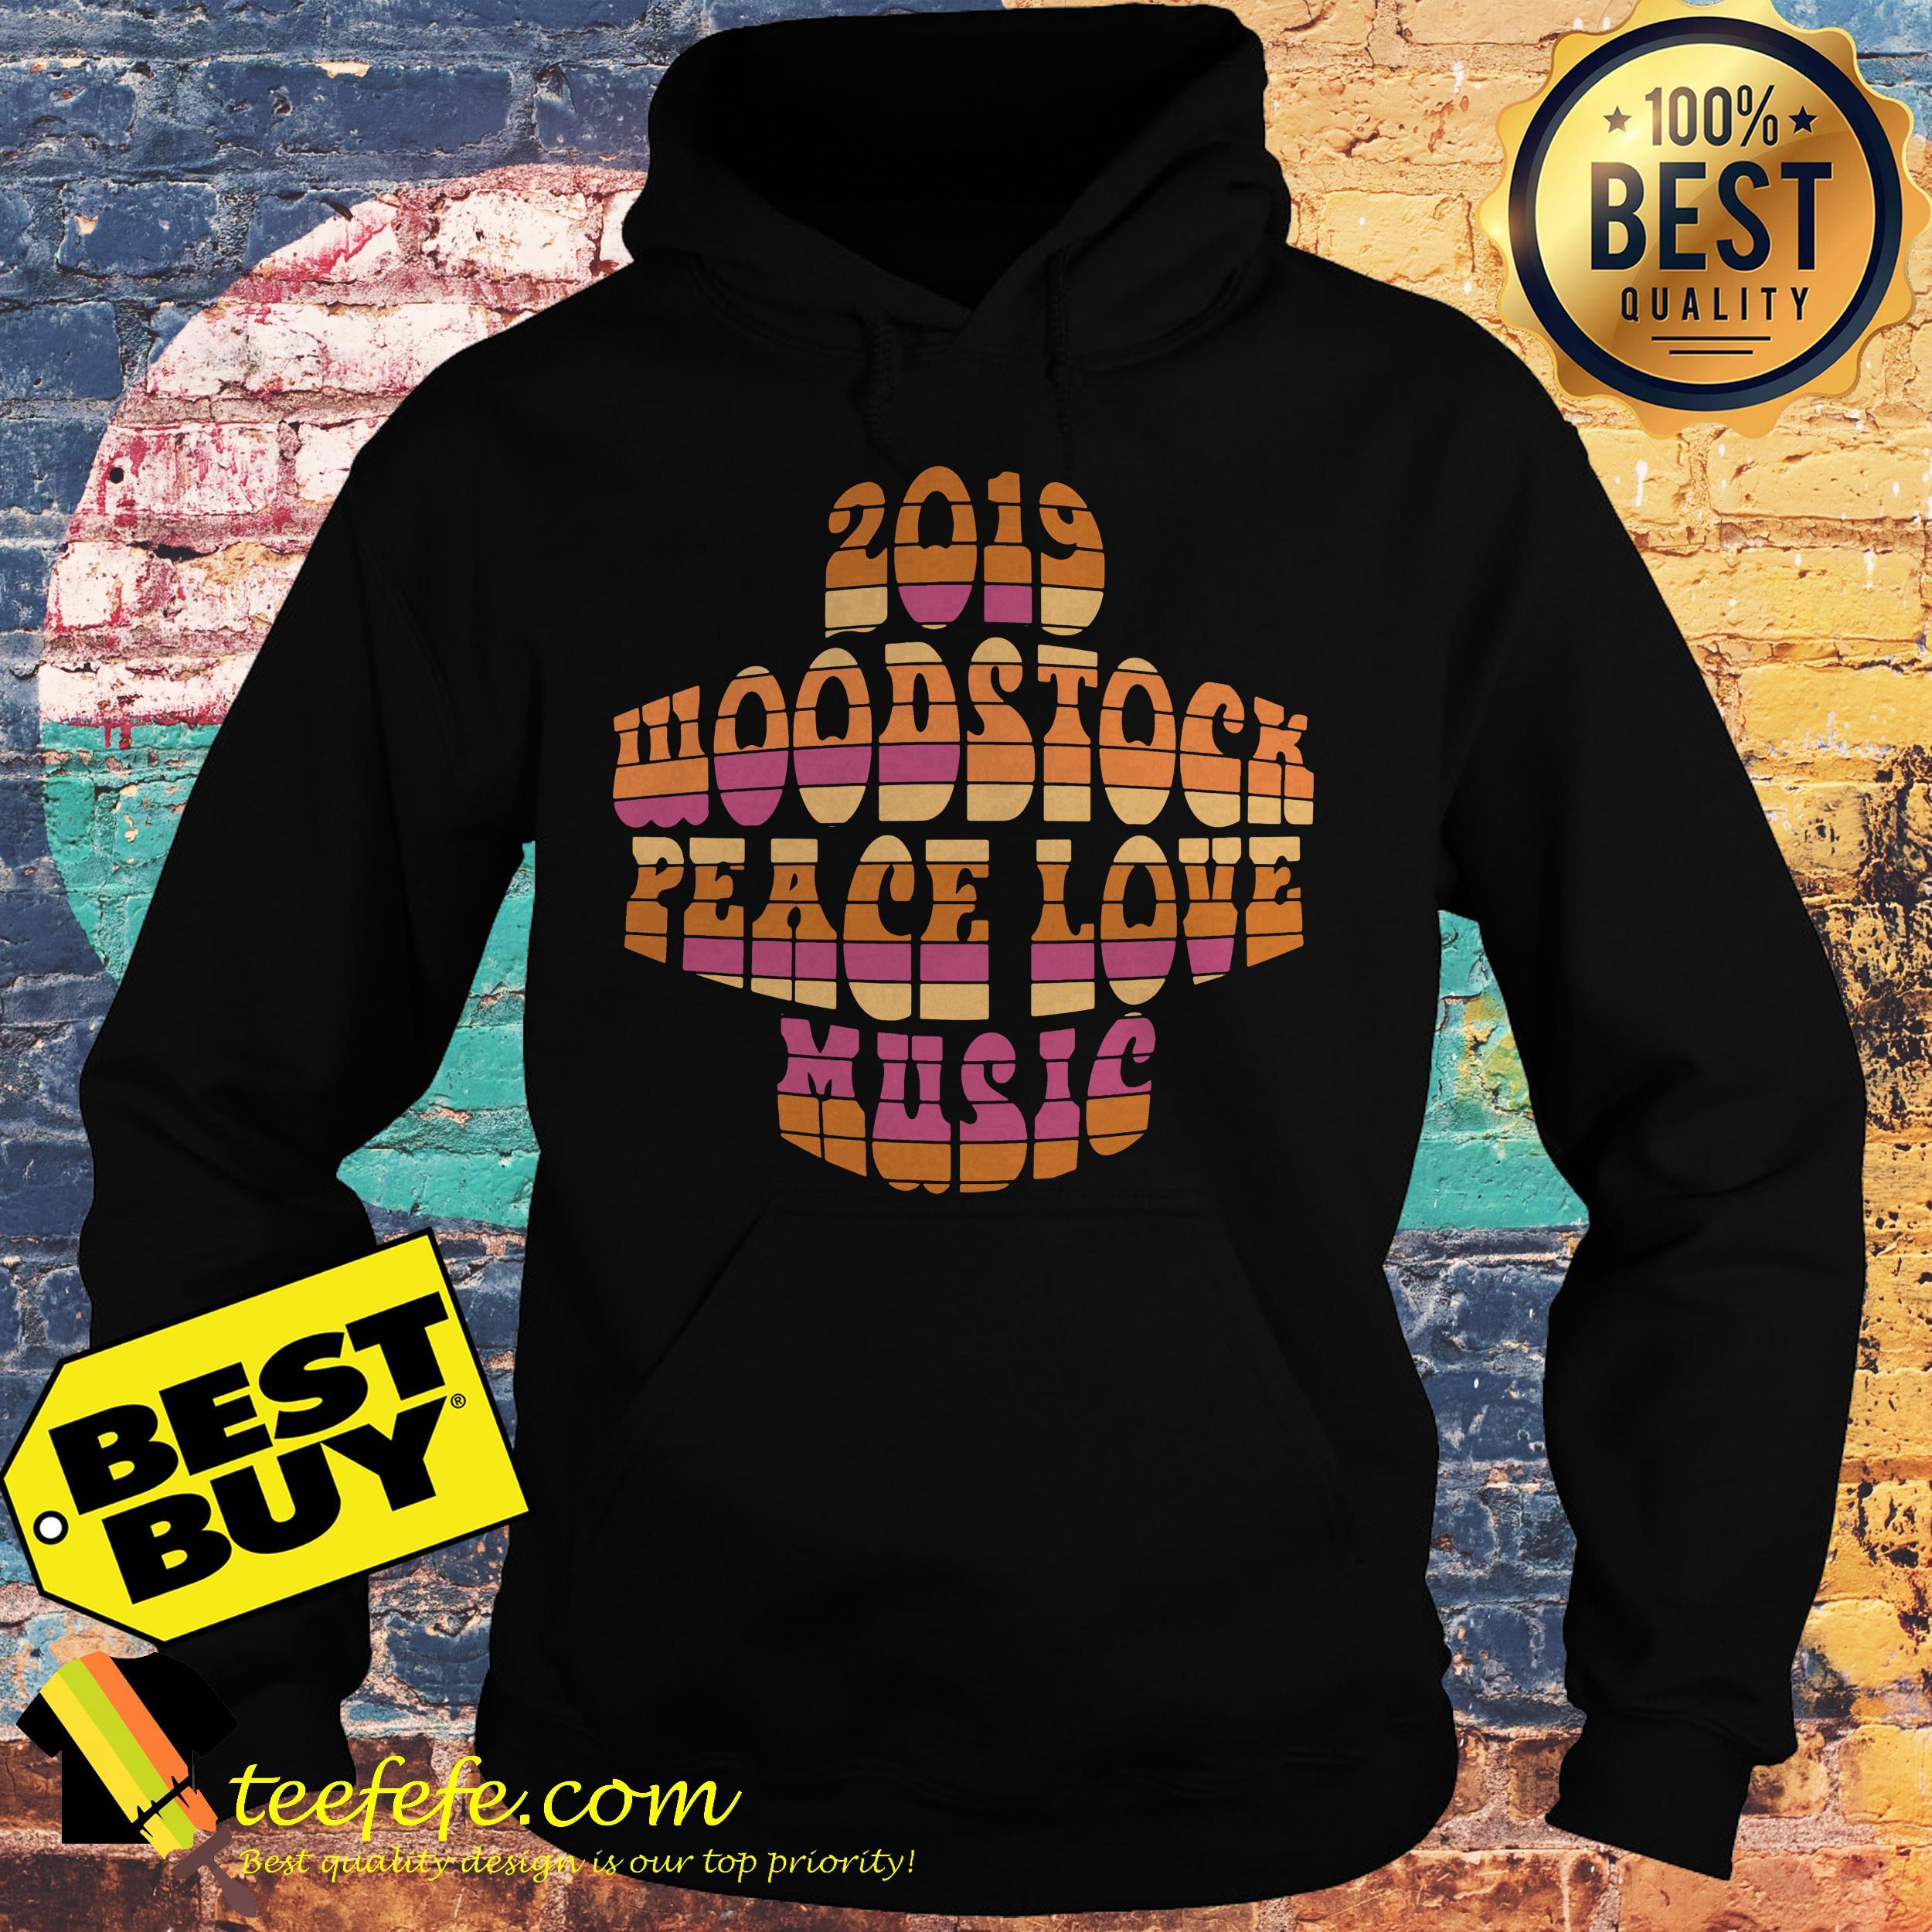 2019 Woodstock peace love music hoodie